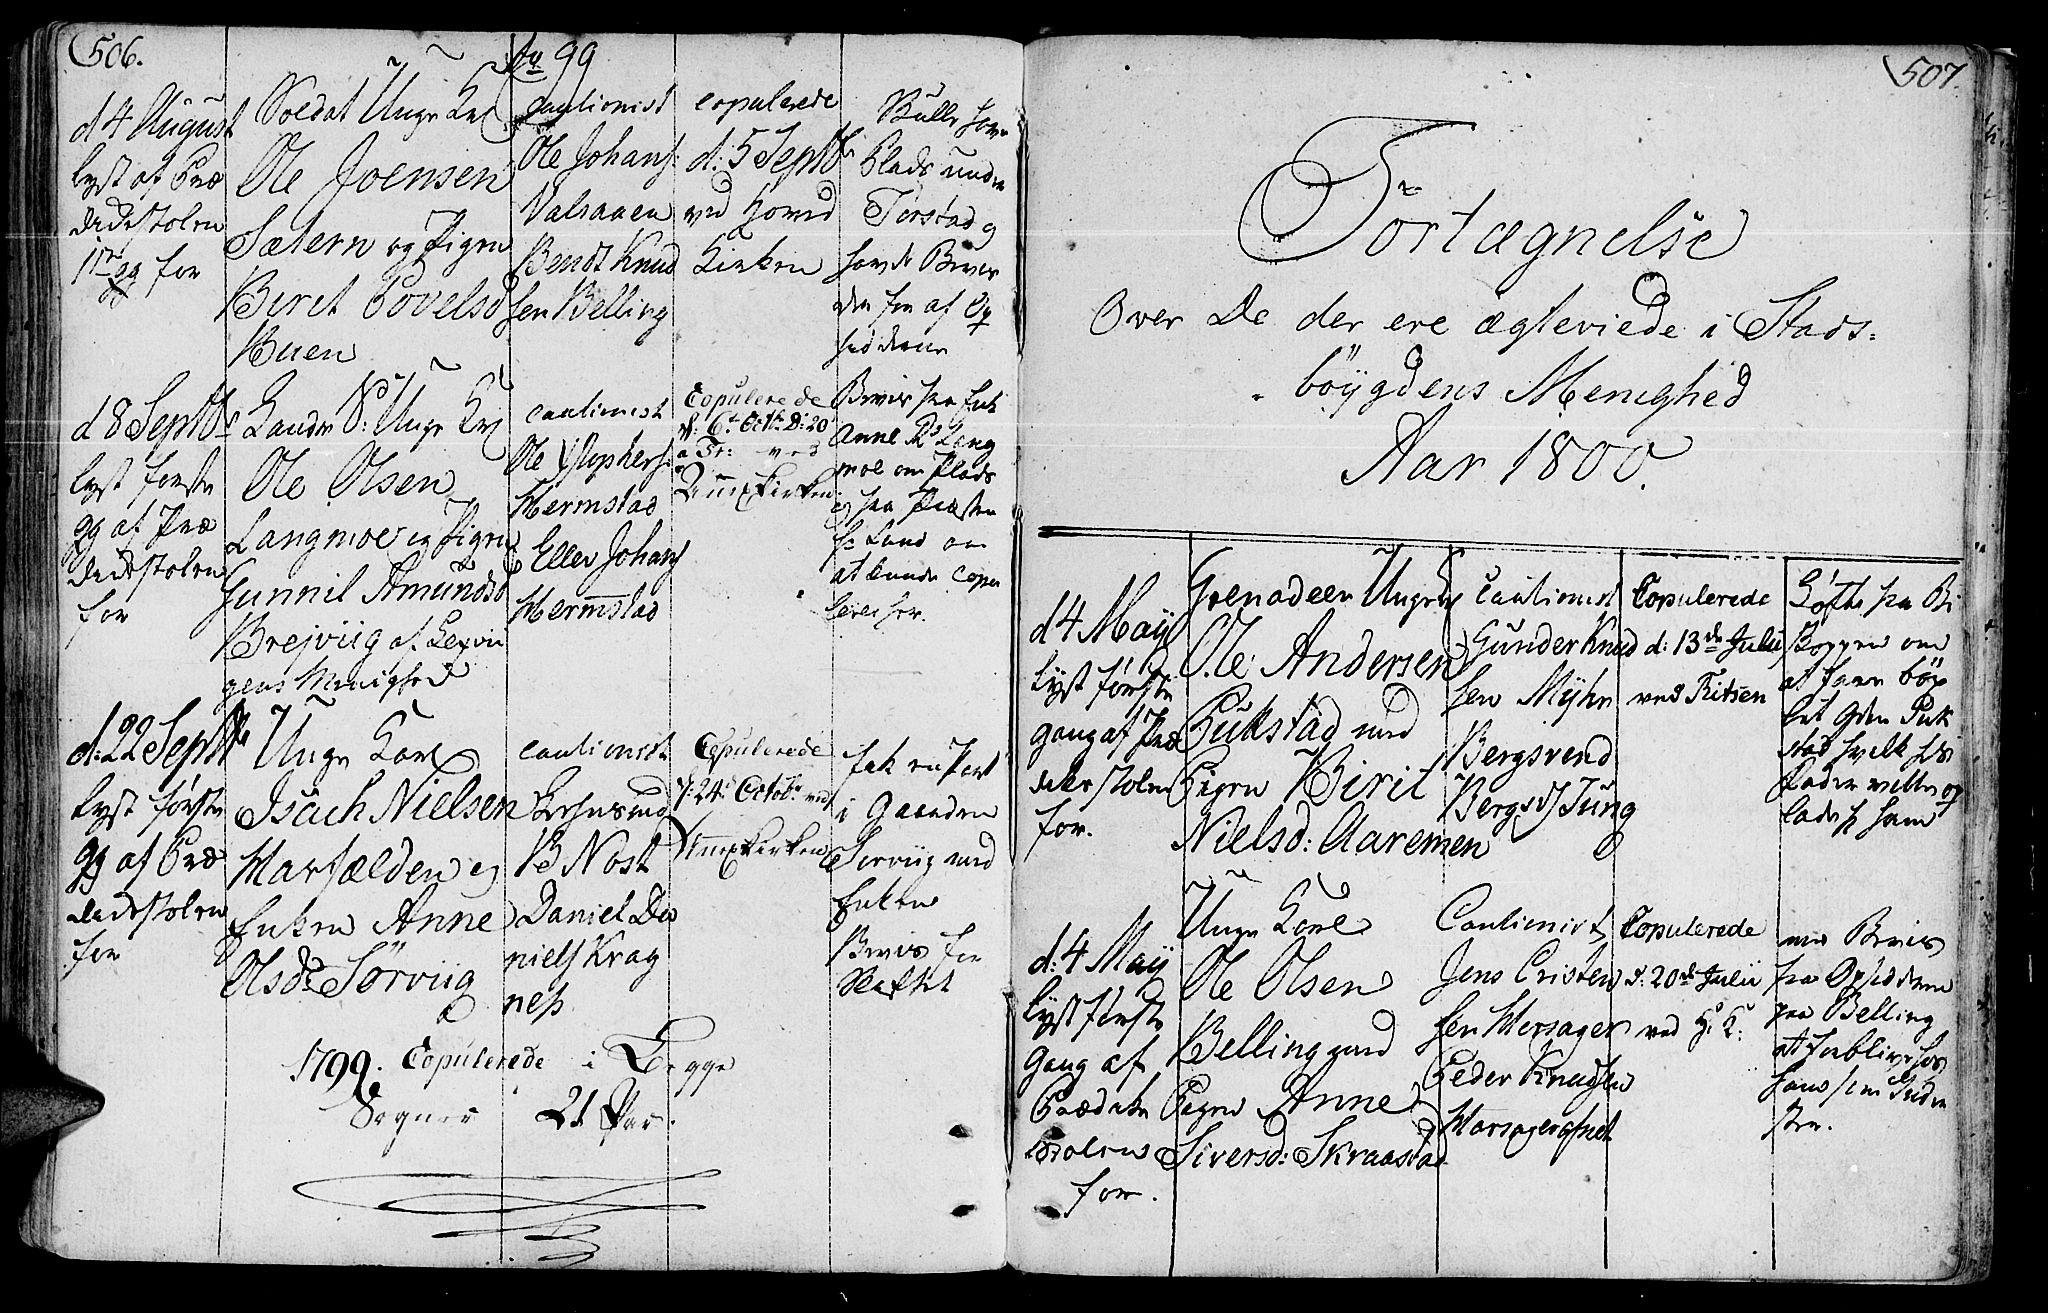 SAT, Ministerialprotokoller, klokkerbøker og fødselsregistre - Sør-Trøndelag, 646/L0606: Ministerialbok nr. 646A04, 1791-1805, s. 506-507